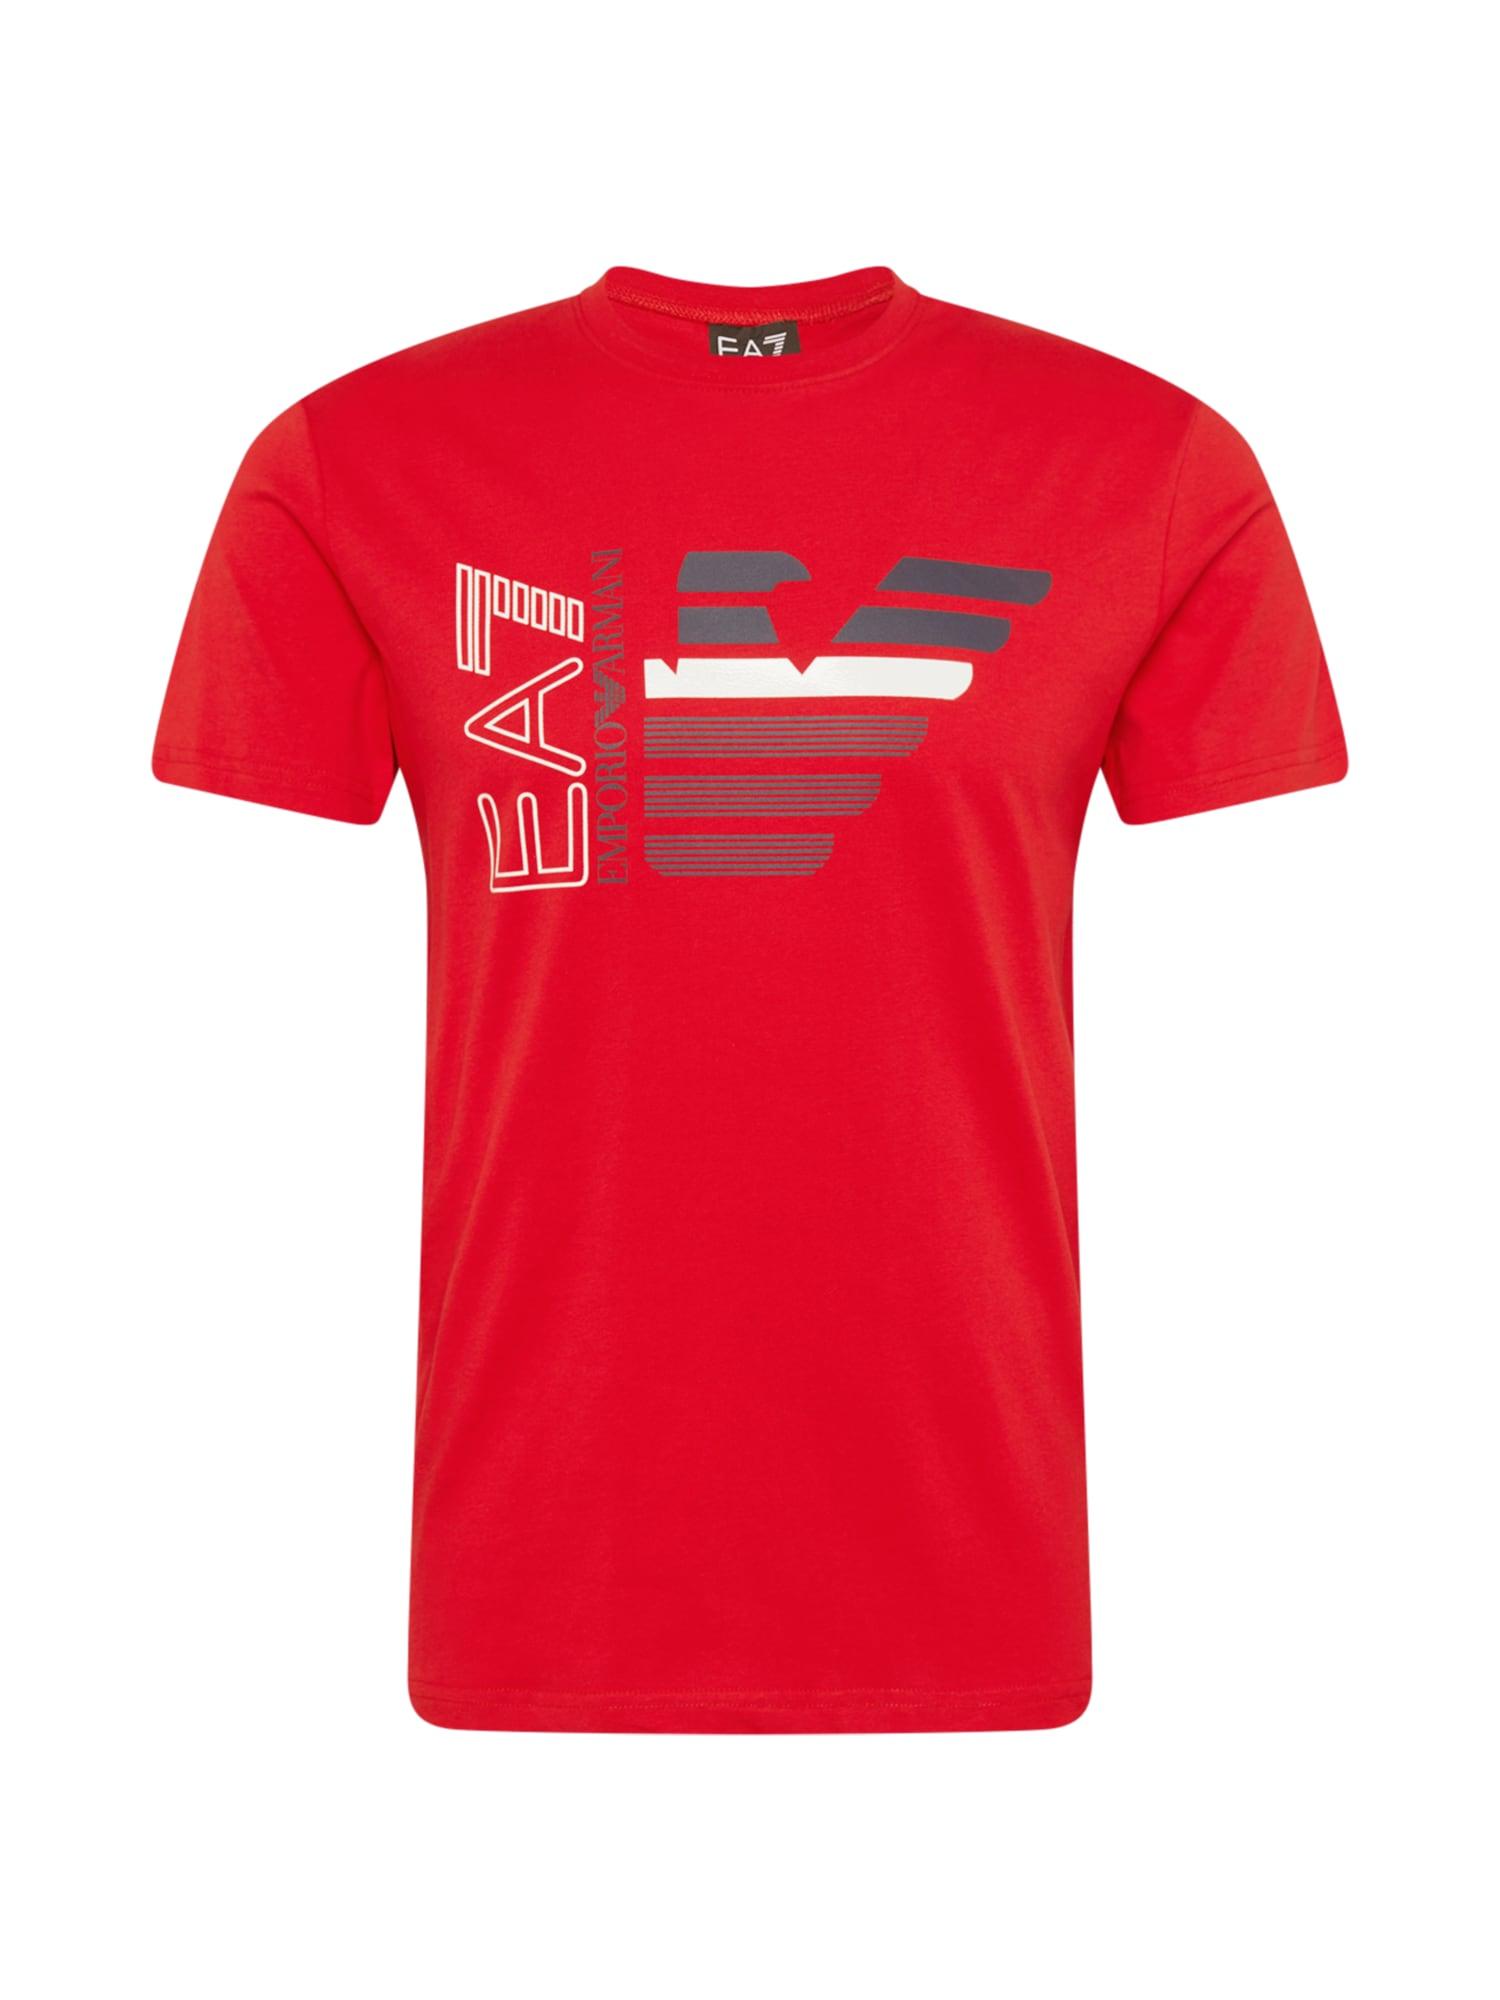 EA7 Emporio Armani Marškinėliai raudona / balta / tamsiai pilka